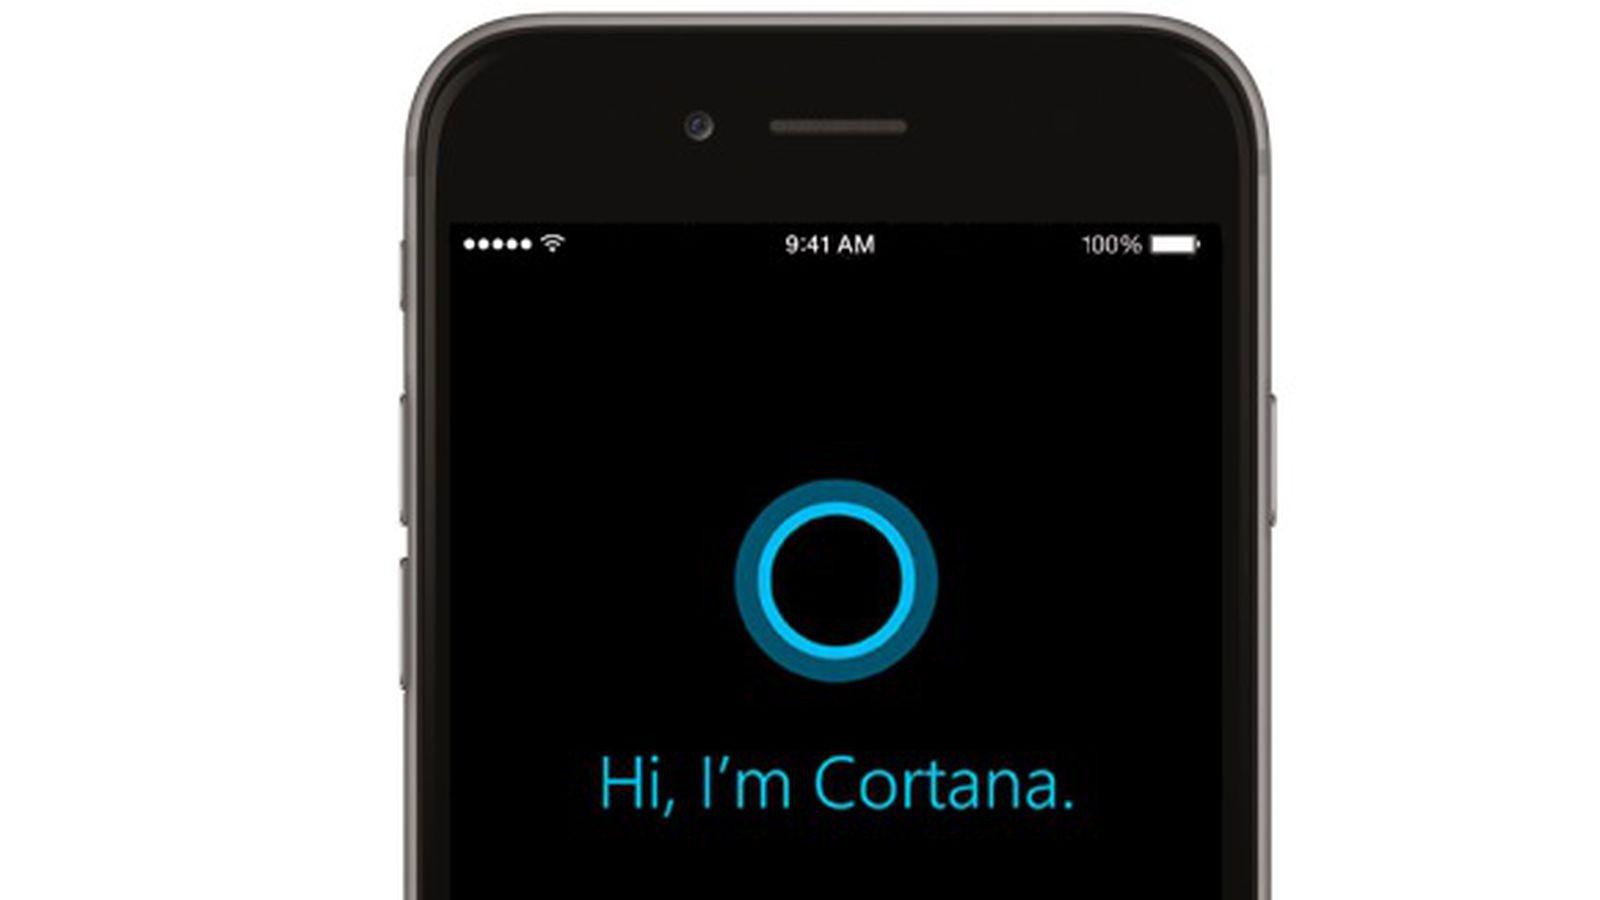 زمان پایان عمر اپلیکیشن کورتانا مایکروسافت مشخص شد